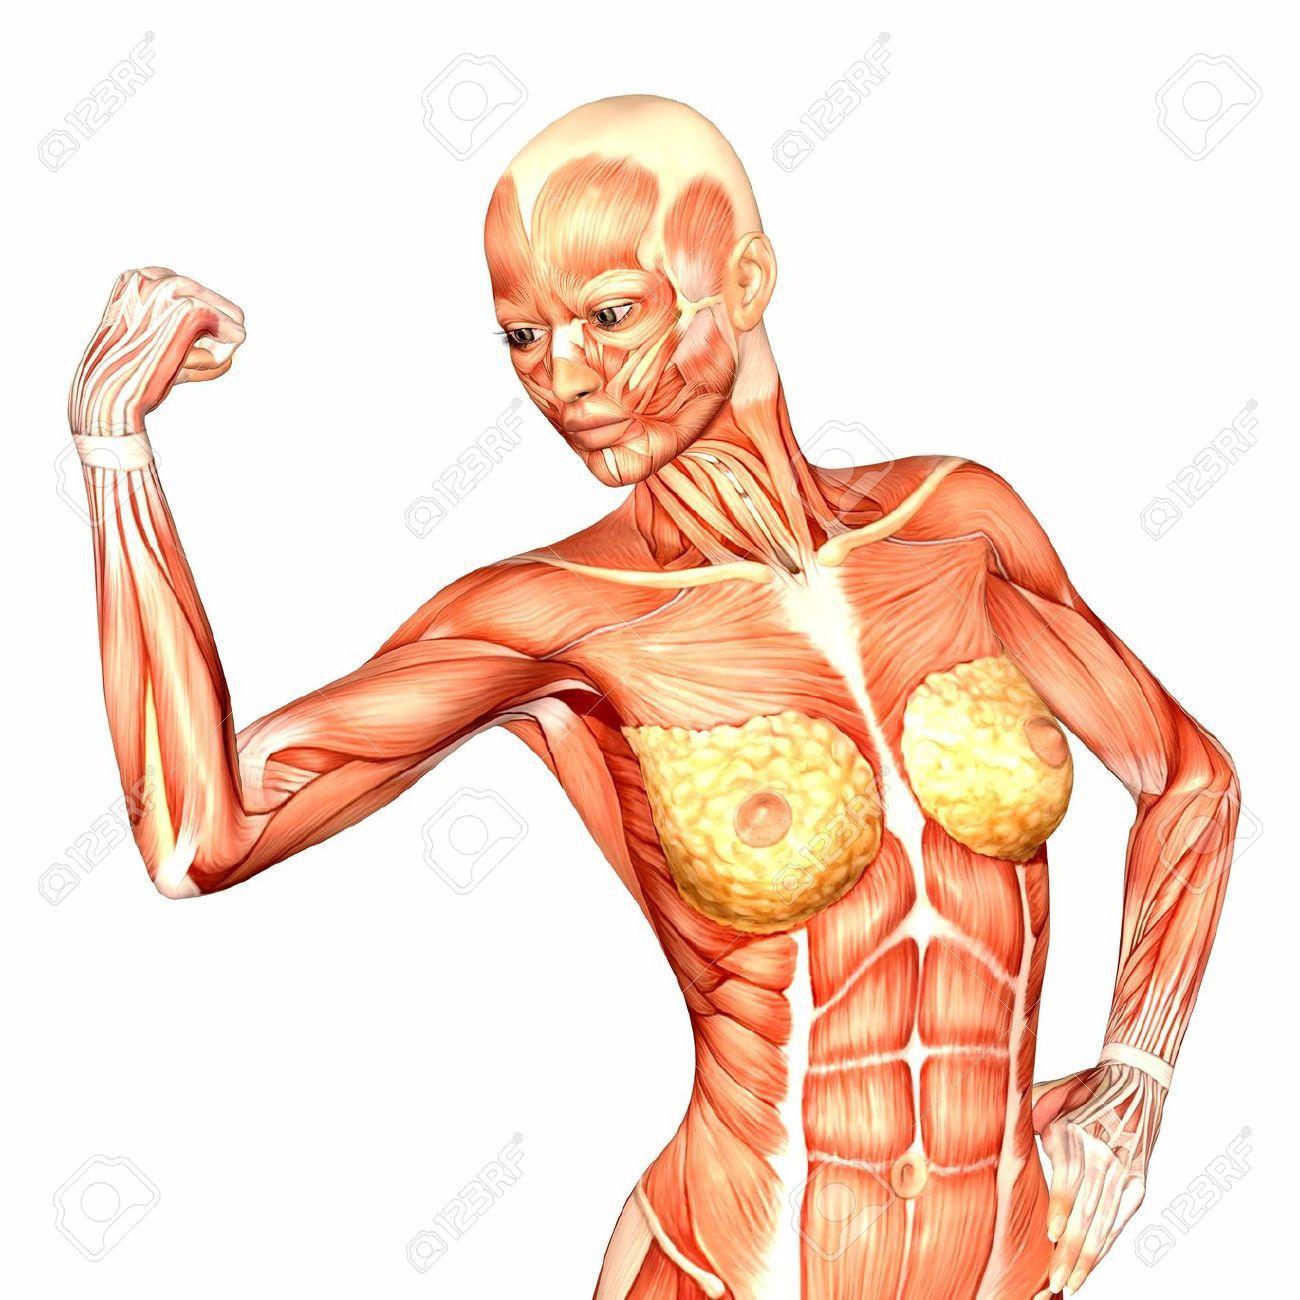 Ilustración de la anatomía de la mujer parte superior del cuerpo ...